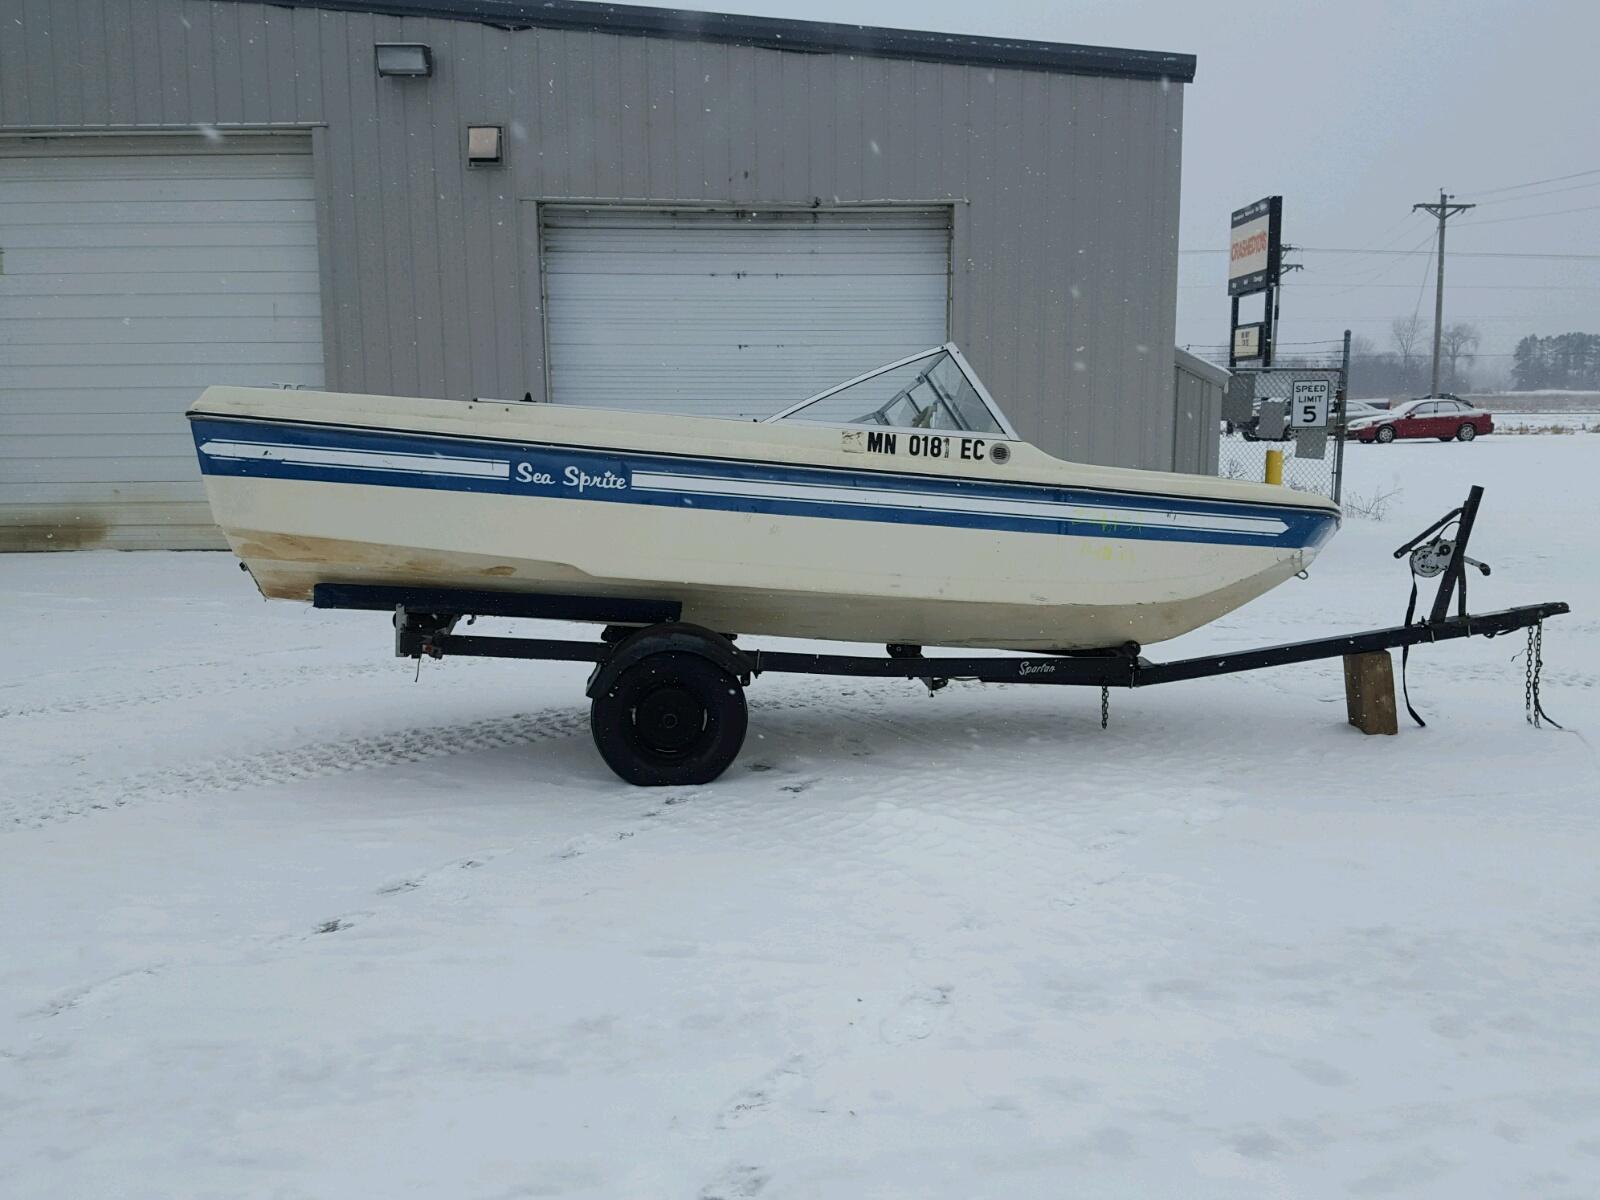 Salvage 1973 Sea Sprite BOAT for sale